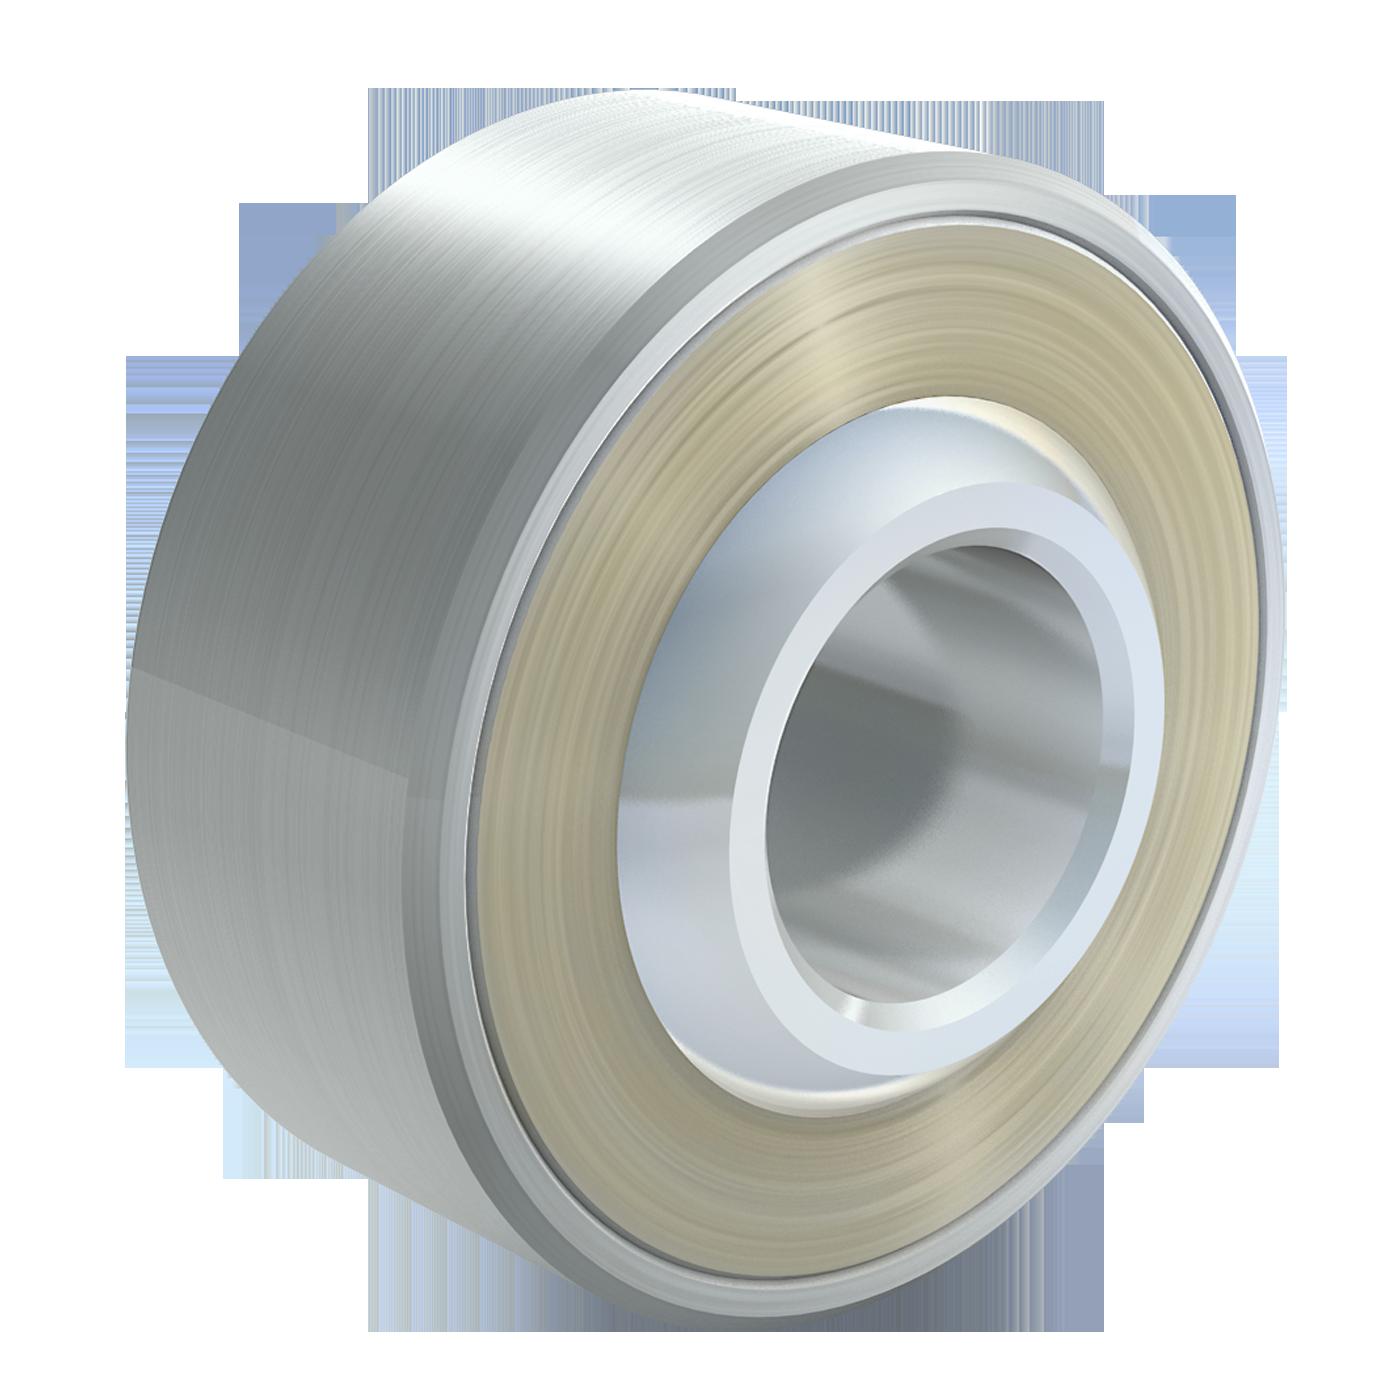 Gelenklager, DIN 12240-1 (DIN 648), Maßreihe K, hat mbo Oßwald ergänzend im Standard-Gelenkkopf Programm. Diese Ausführung ist komplett in Edelstahl und wartungsfrei.